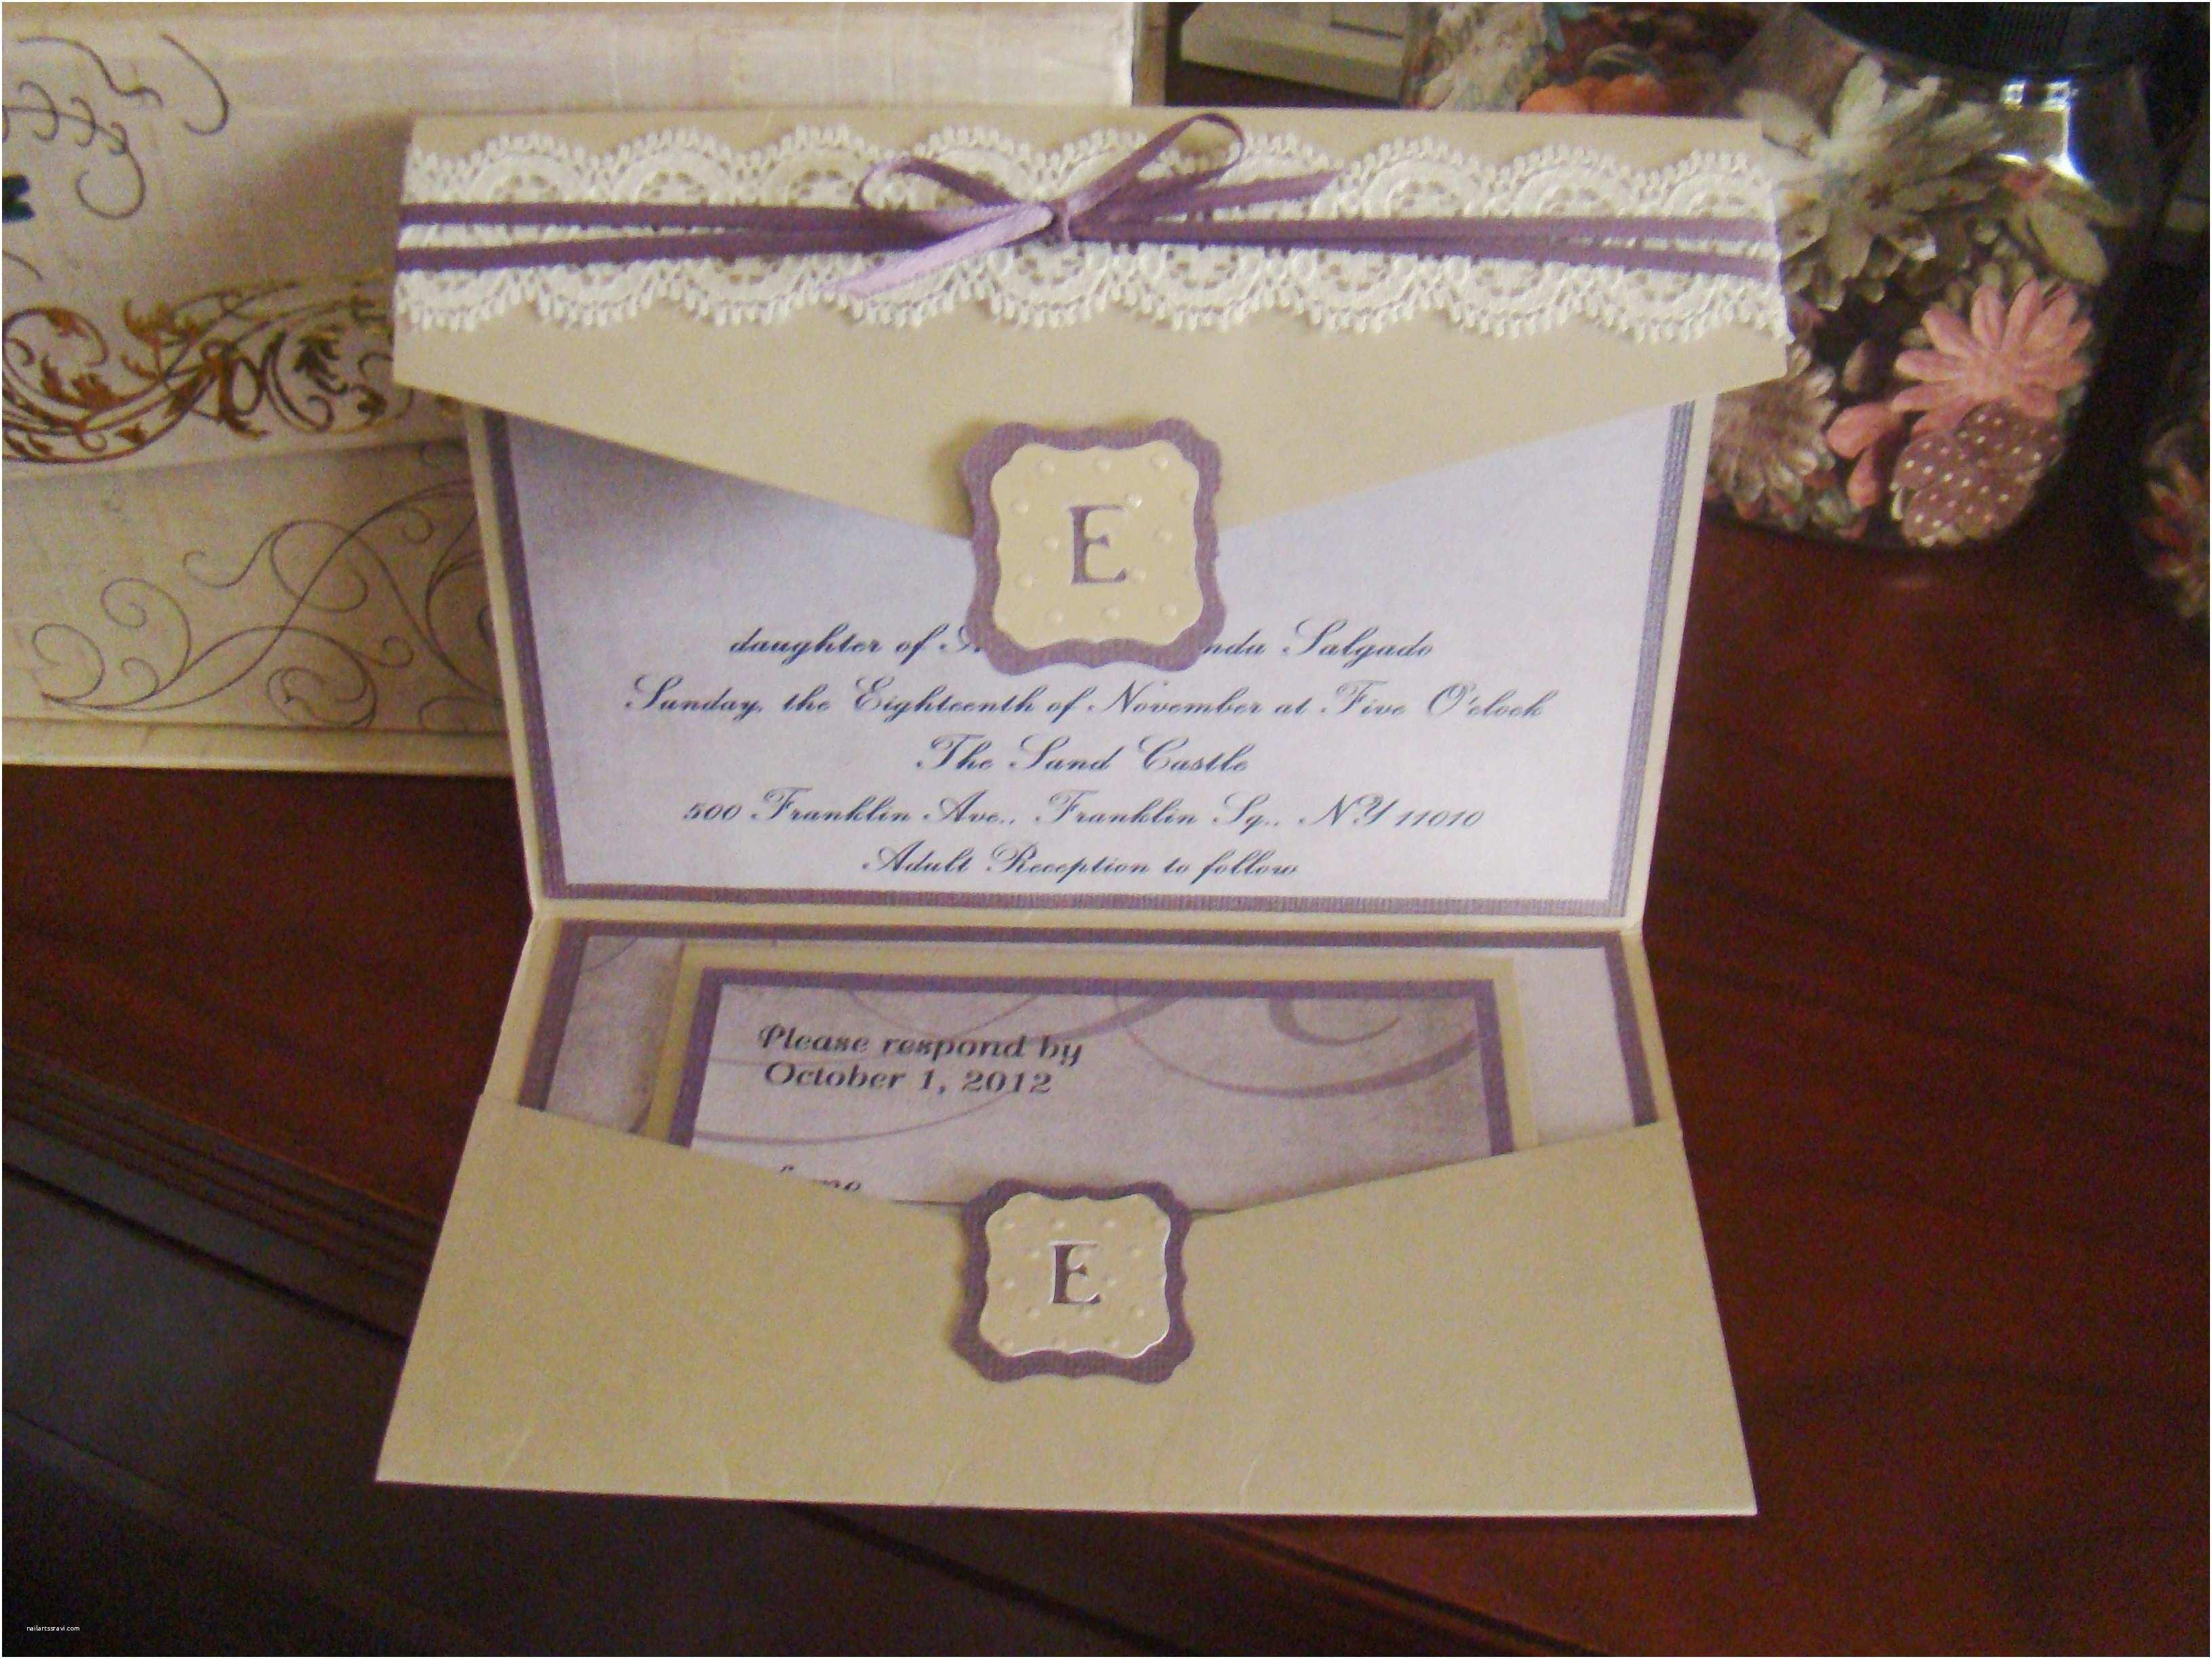 Cricut Wedding Invitations Unique Ideas for Cricut Wedding Invitations Templates